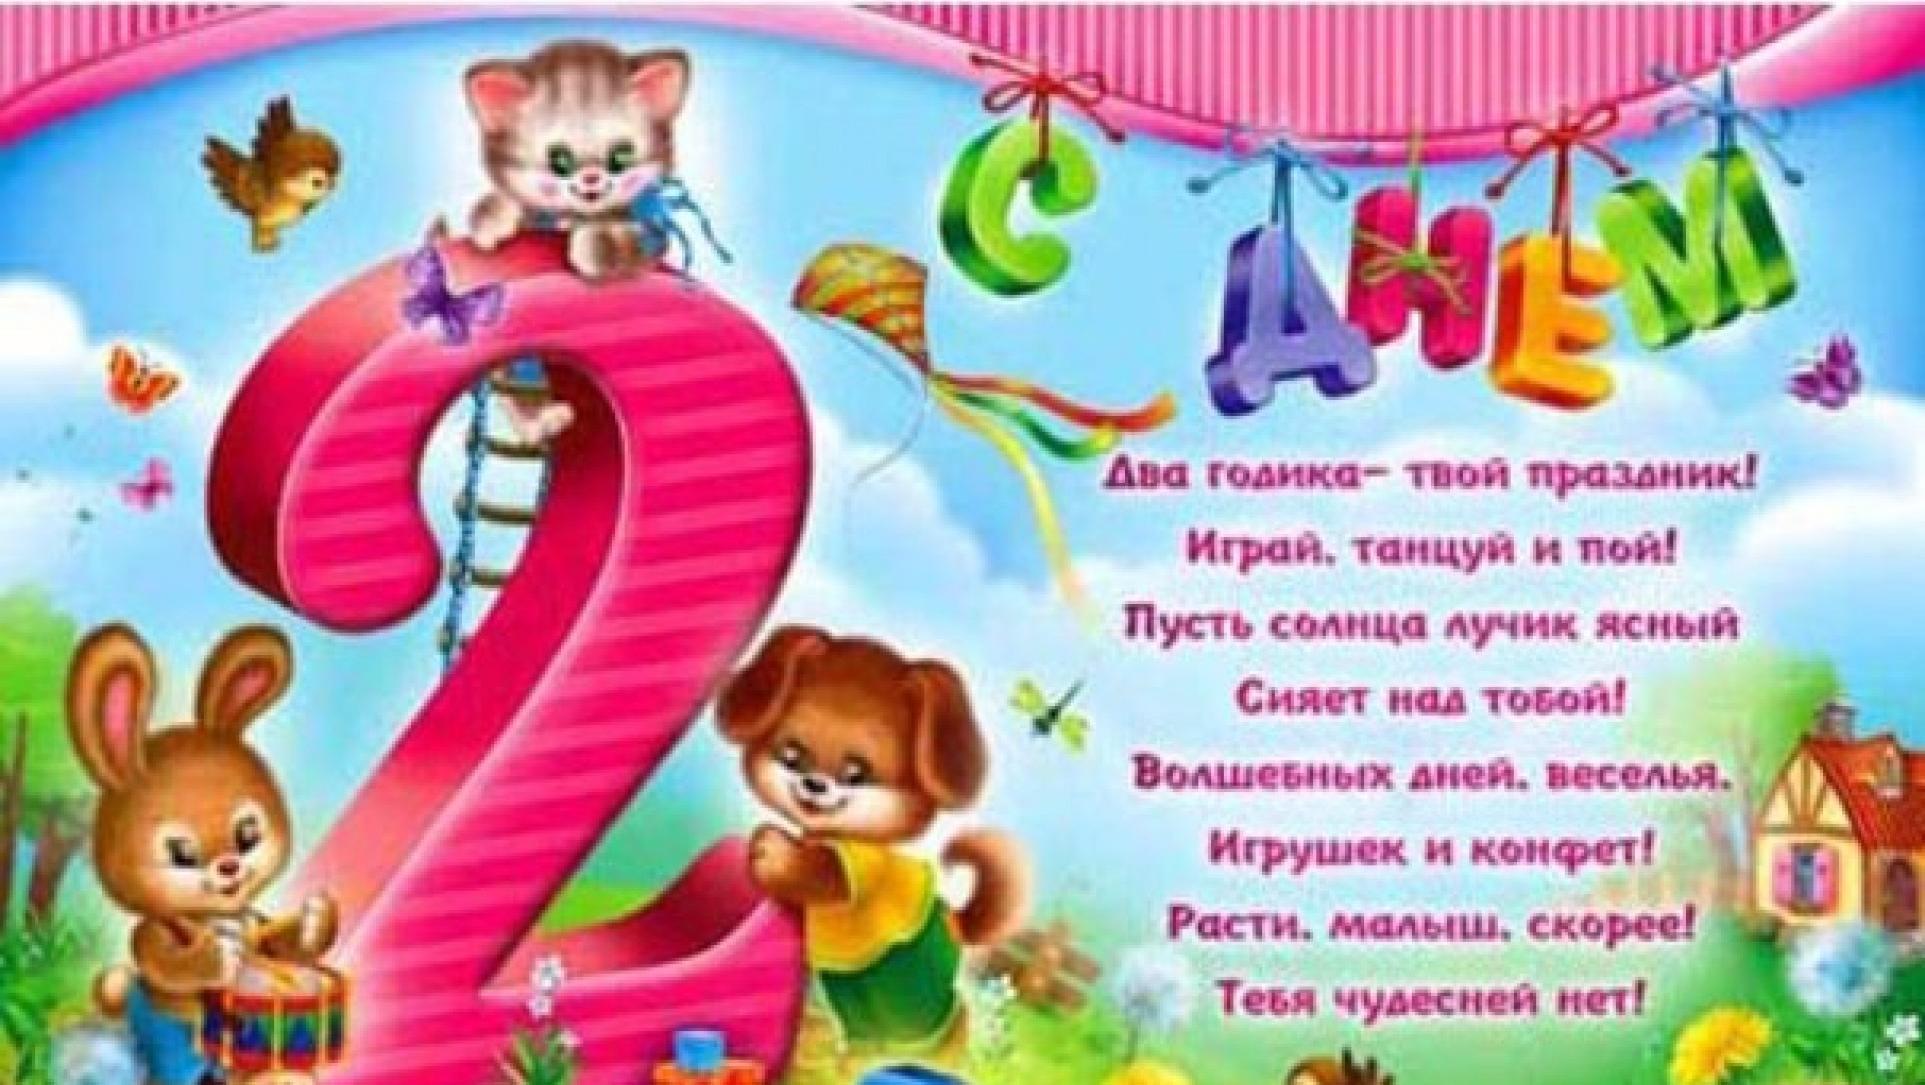 Поздравления девочке 3 года с днем рождения картинки